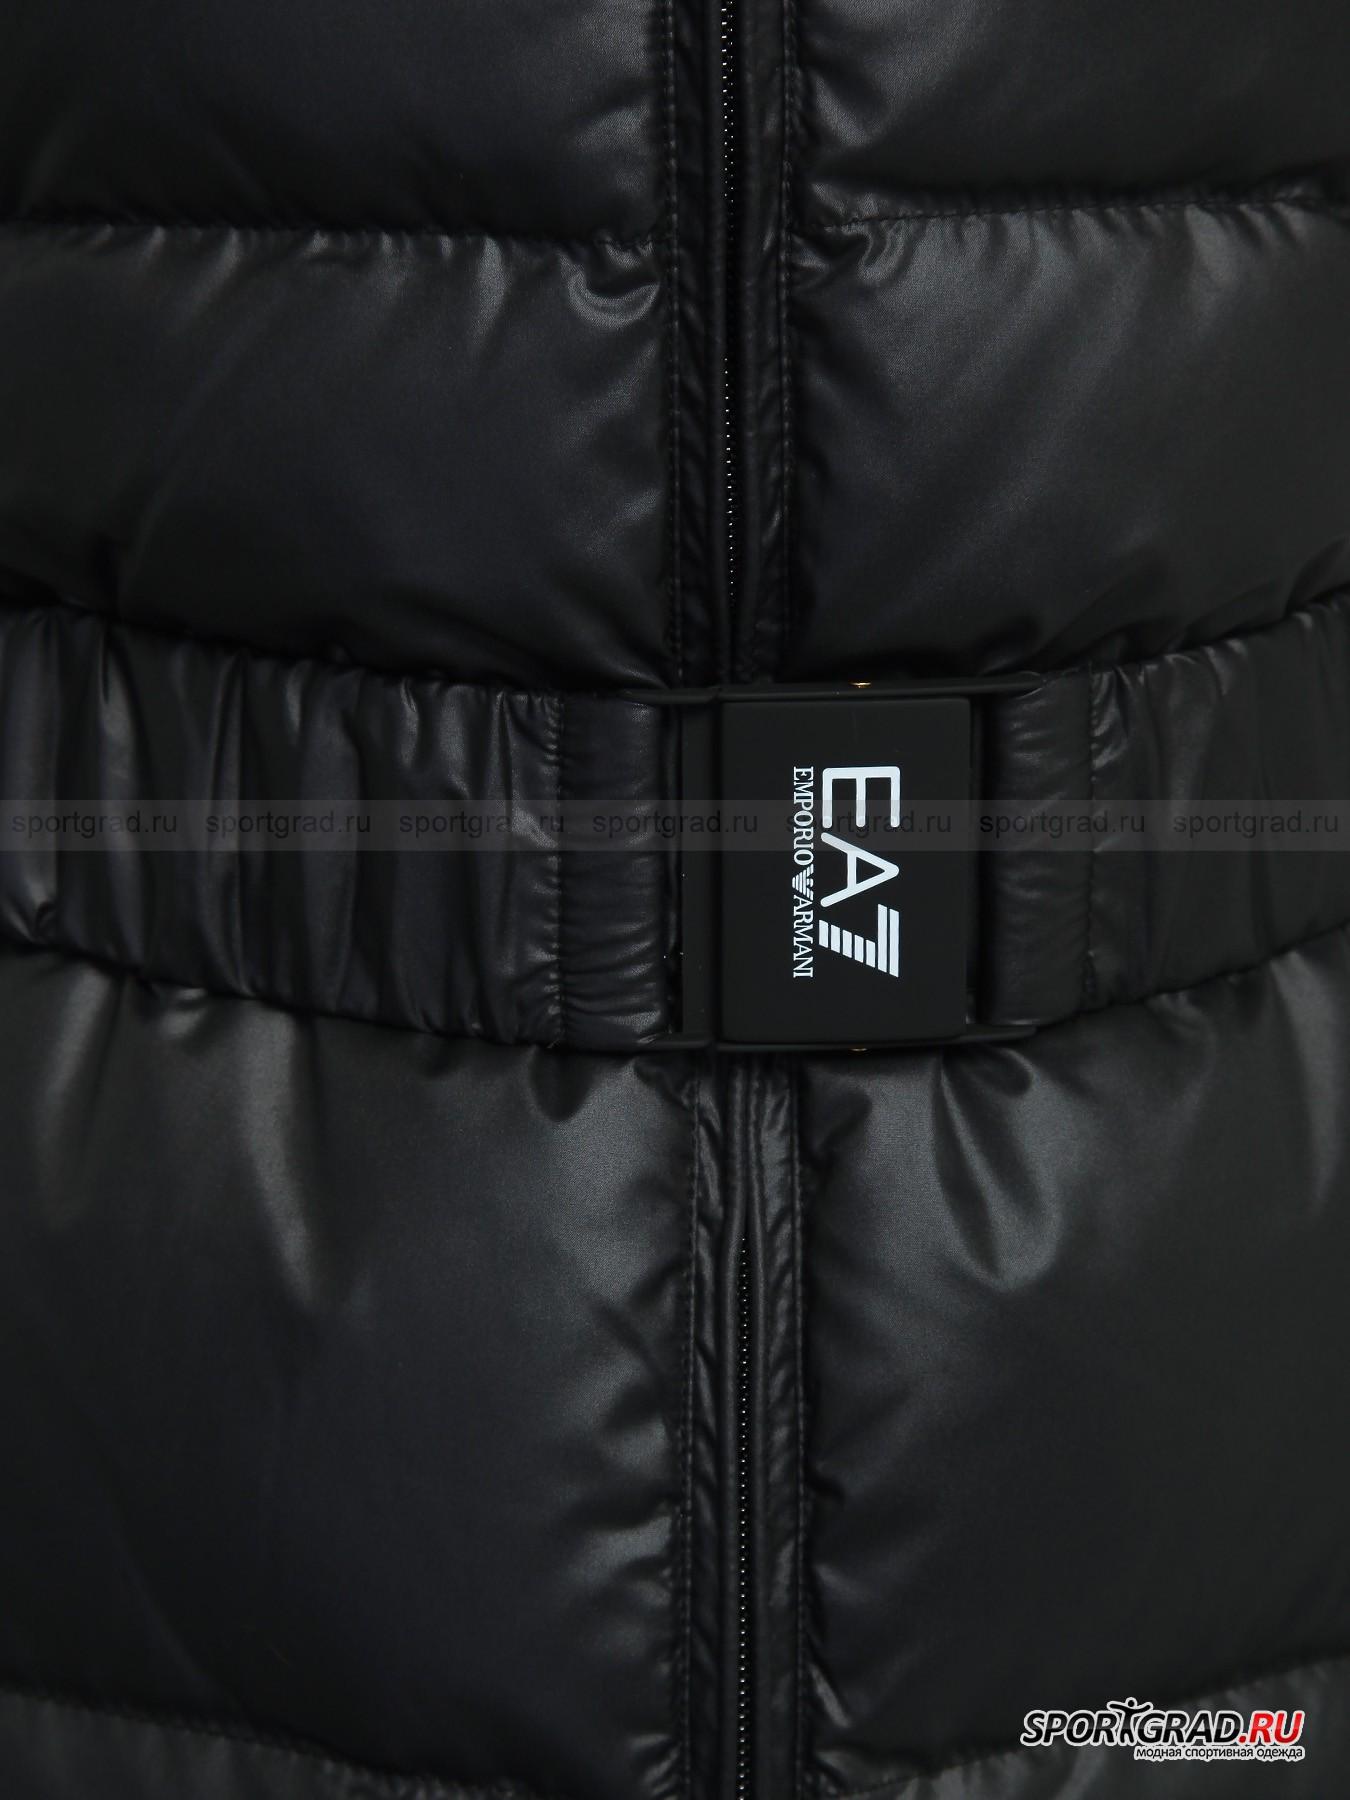 Пальто женское стеганое EMPORIO ARMANI с ремнем от Спортград